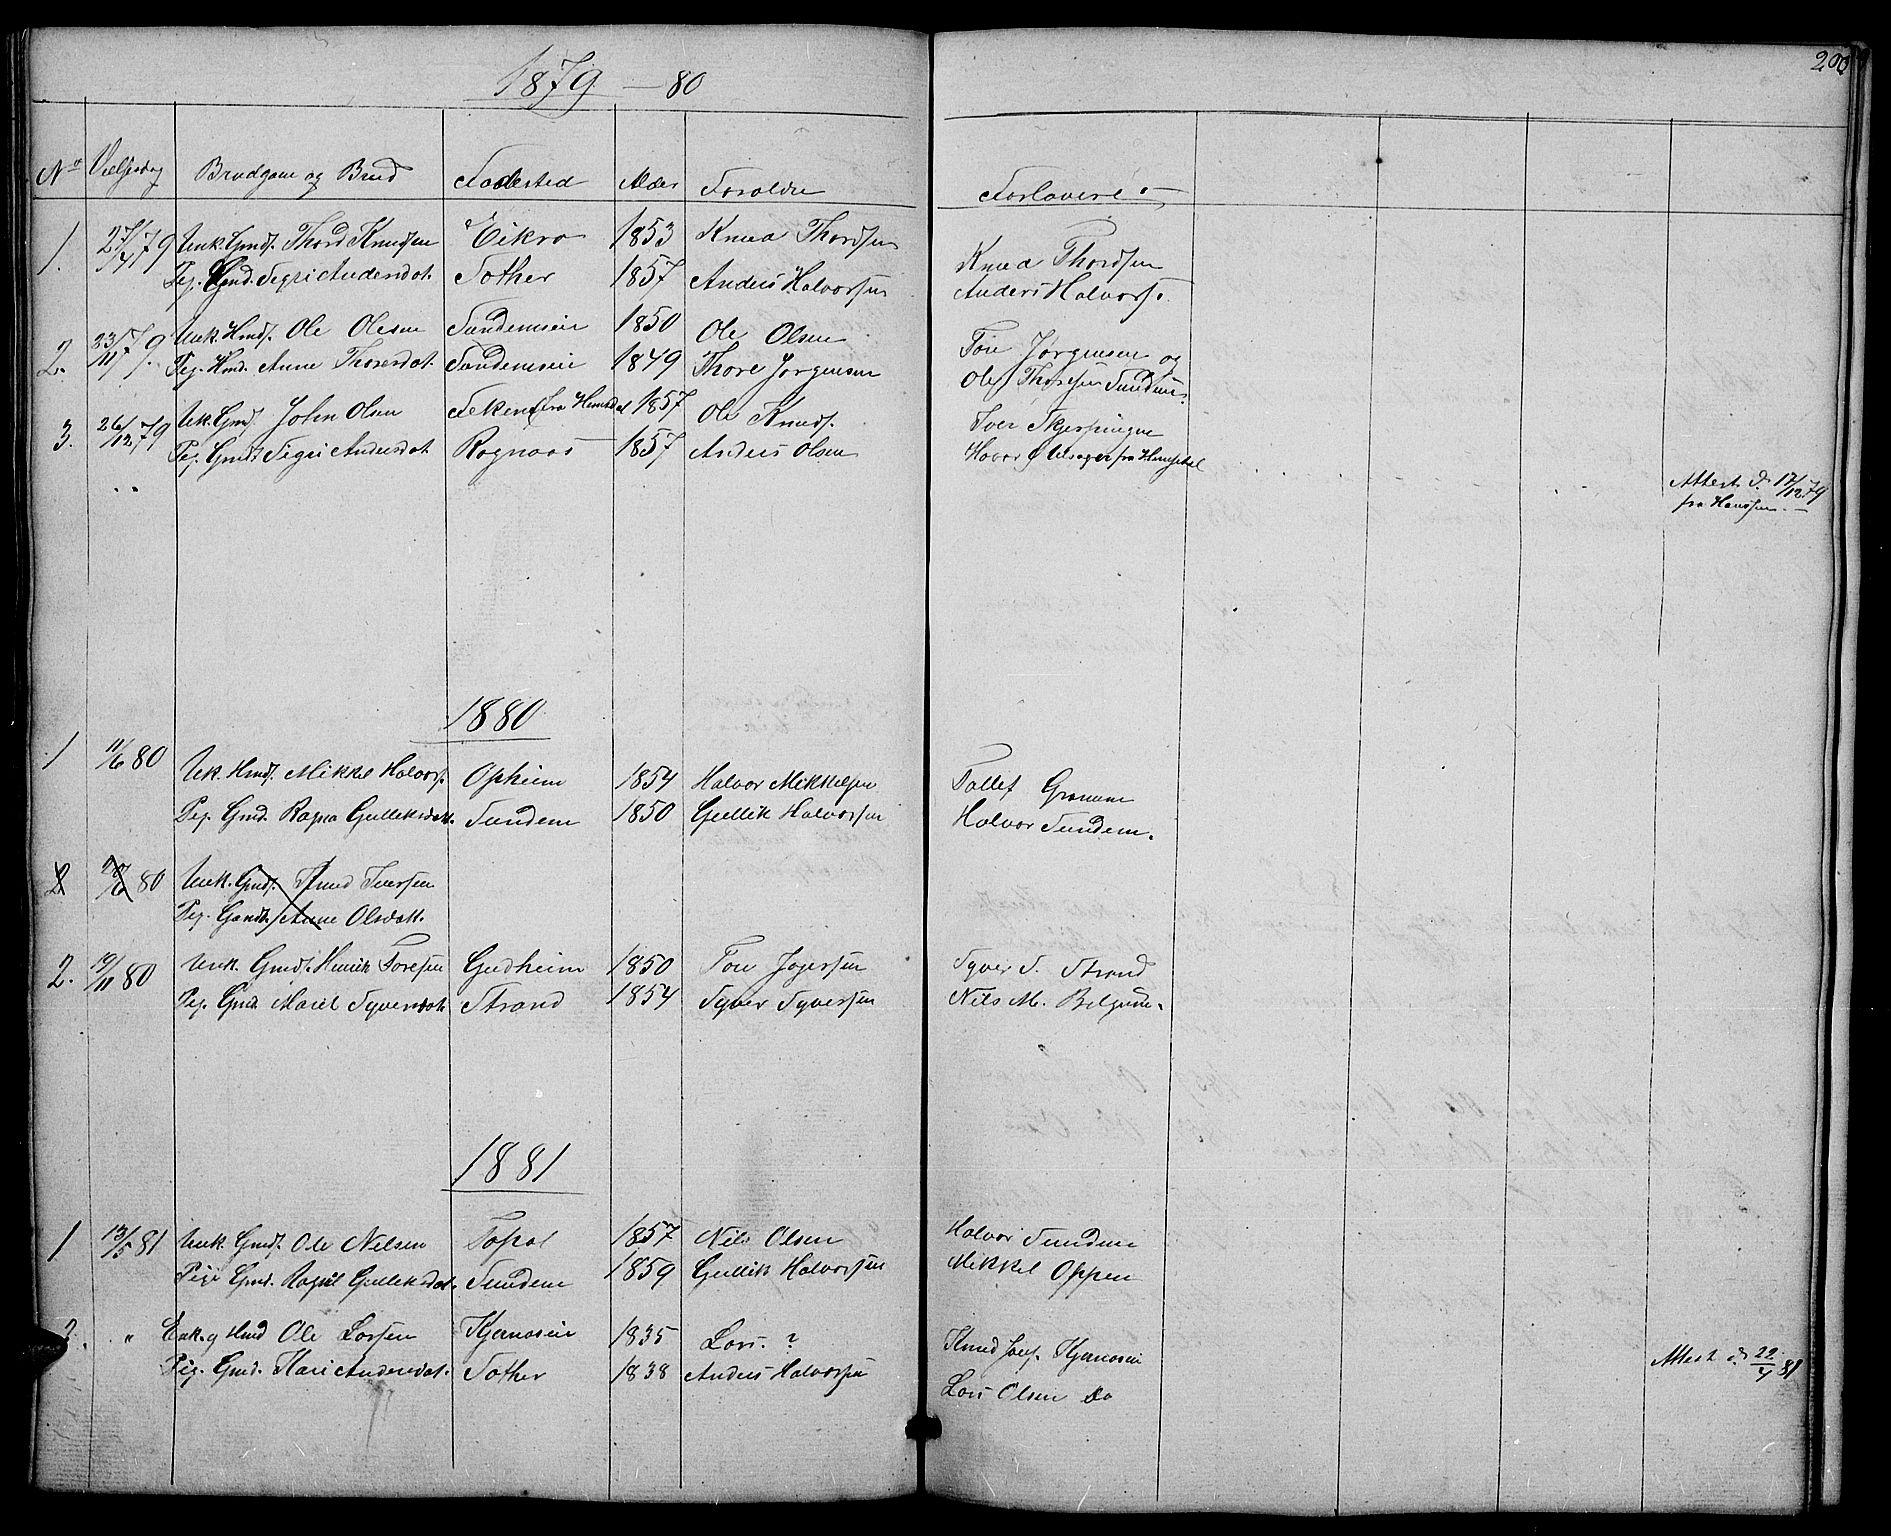 SAH, Nord-Aurdal prestekontor, Klokkerbok nr. 4, 1842-1882, s. 200